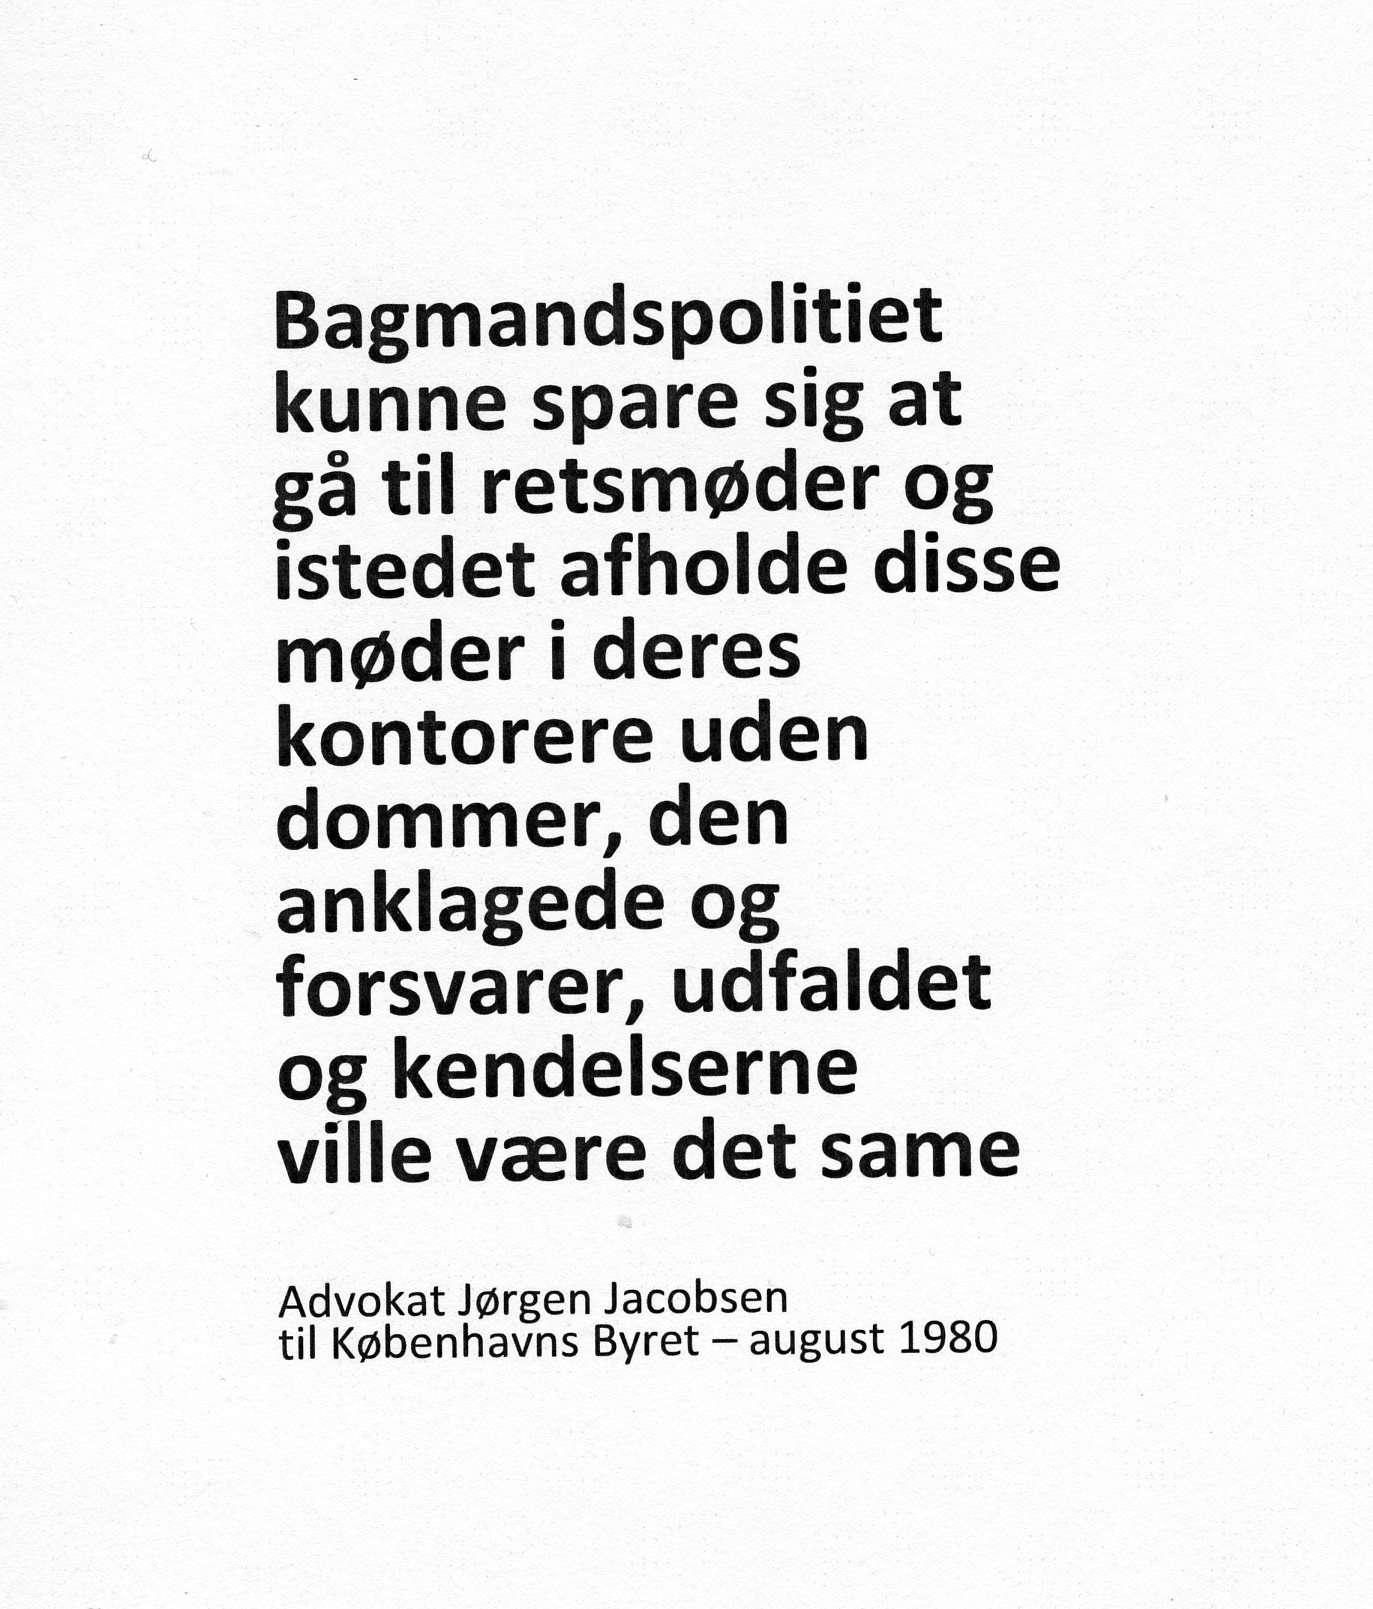 Quotes in Danish - no edit (3)